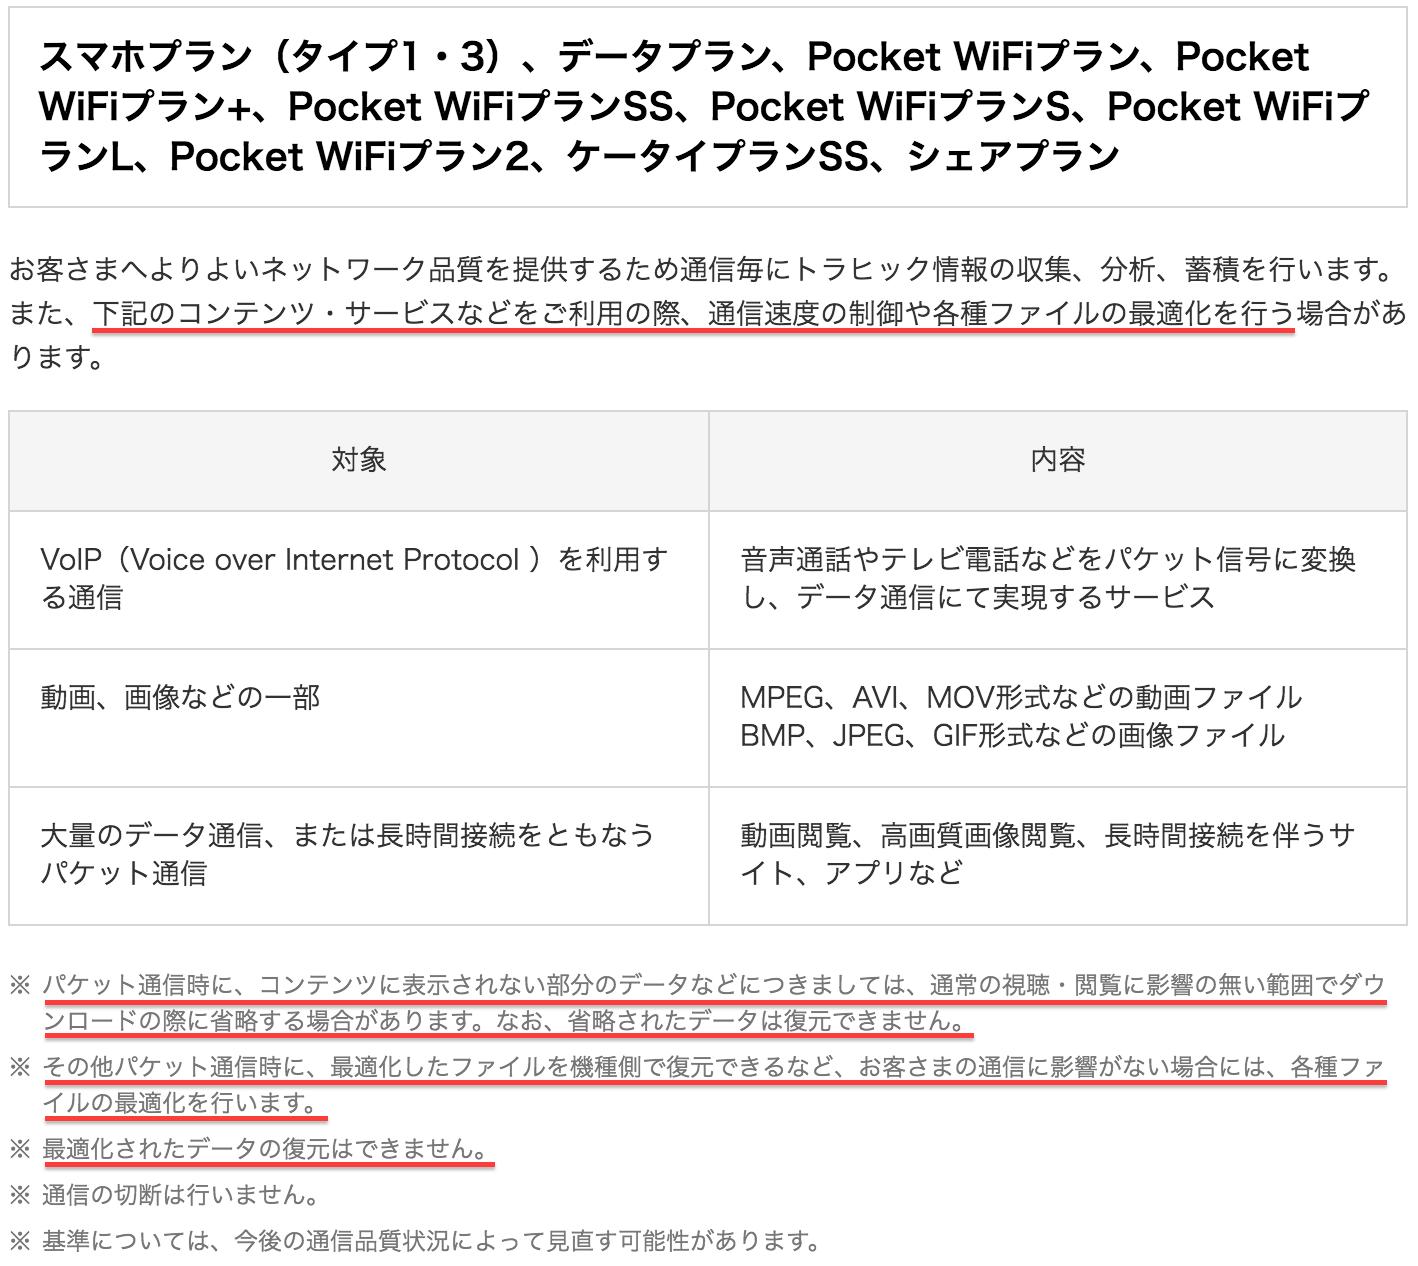 ワイモバイル ポケットWiFi データ規制